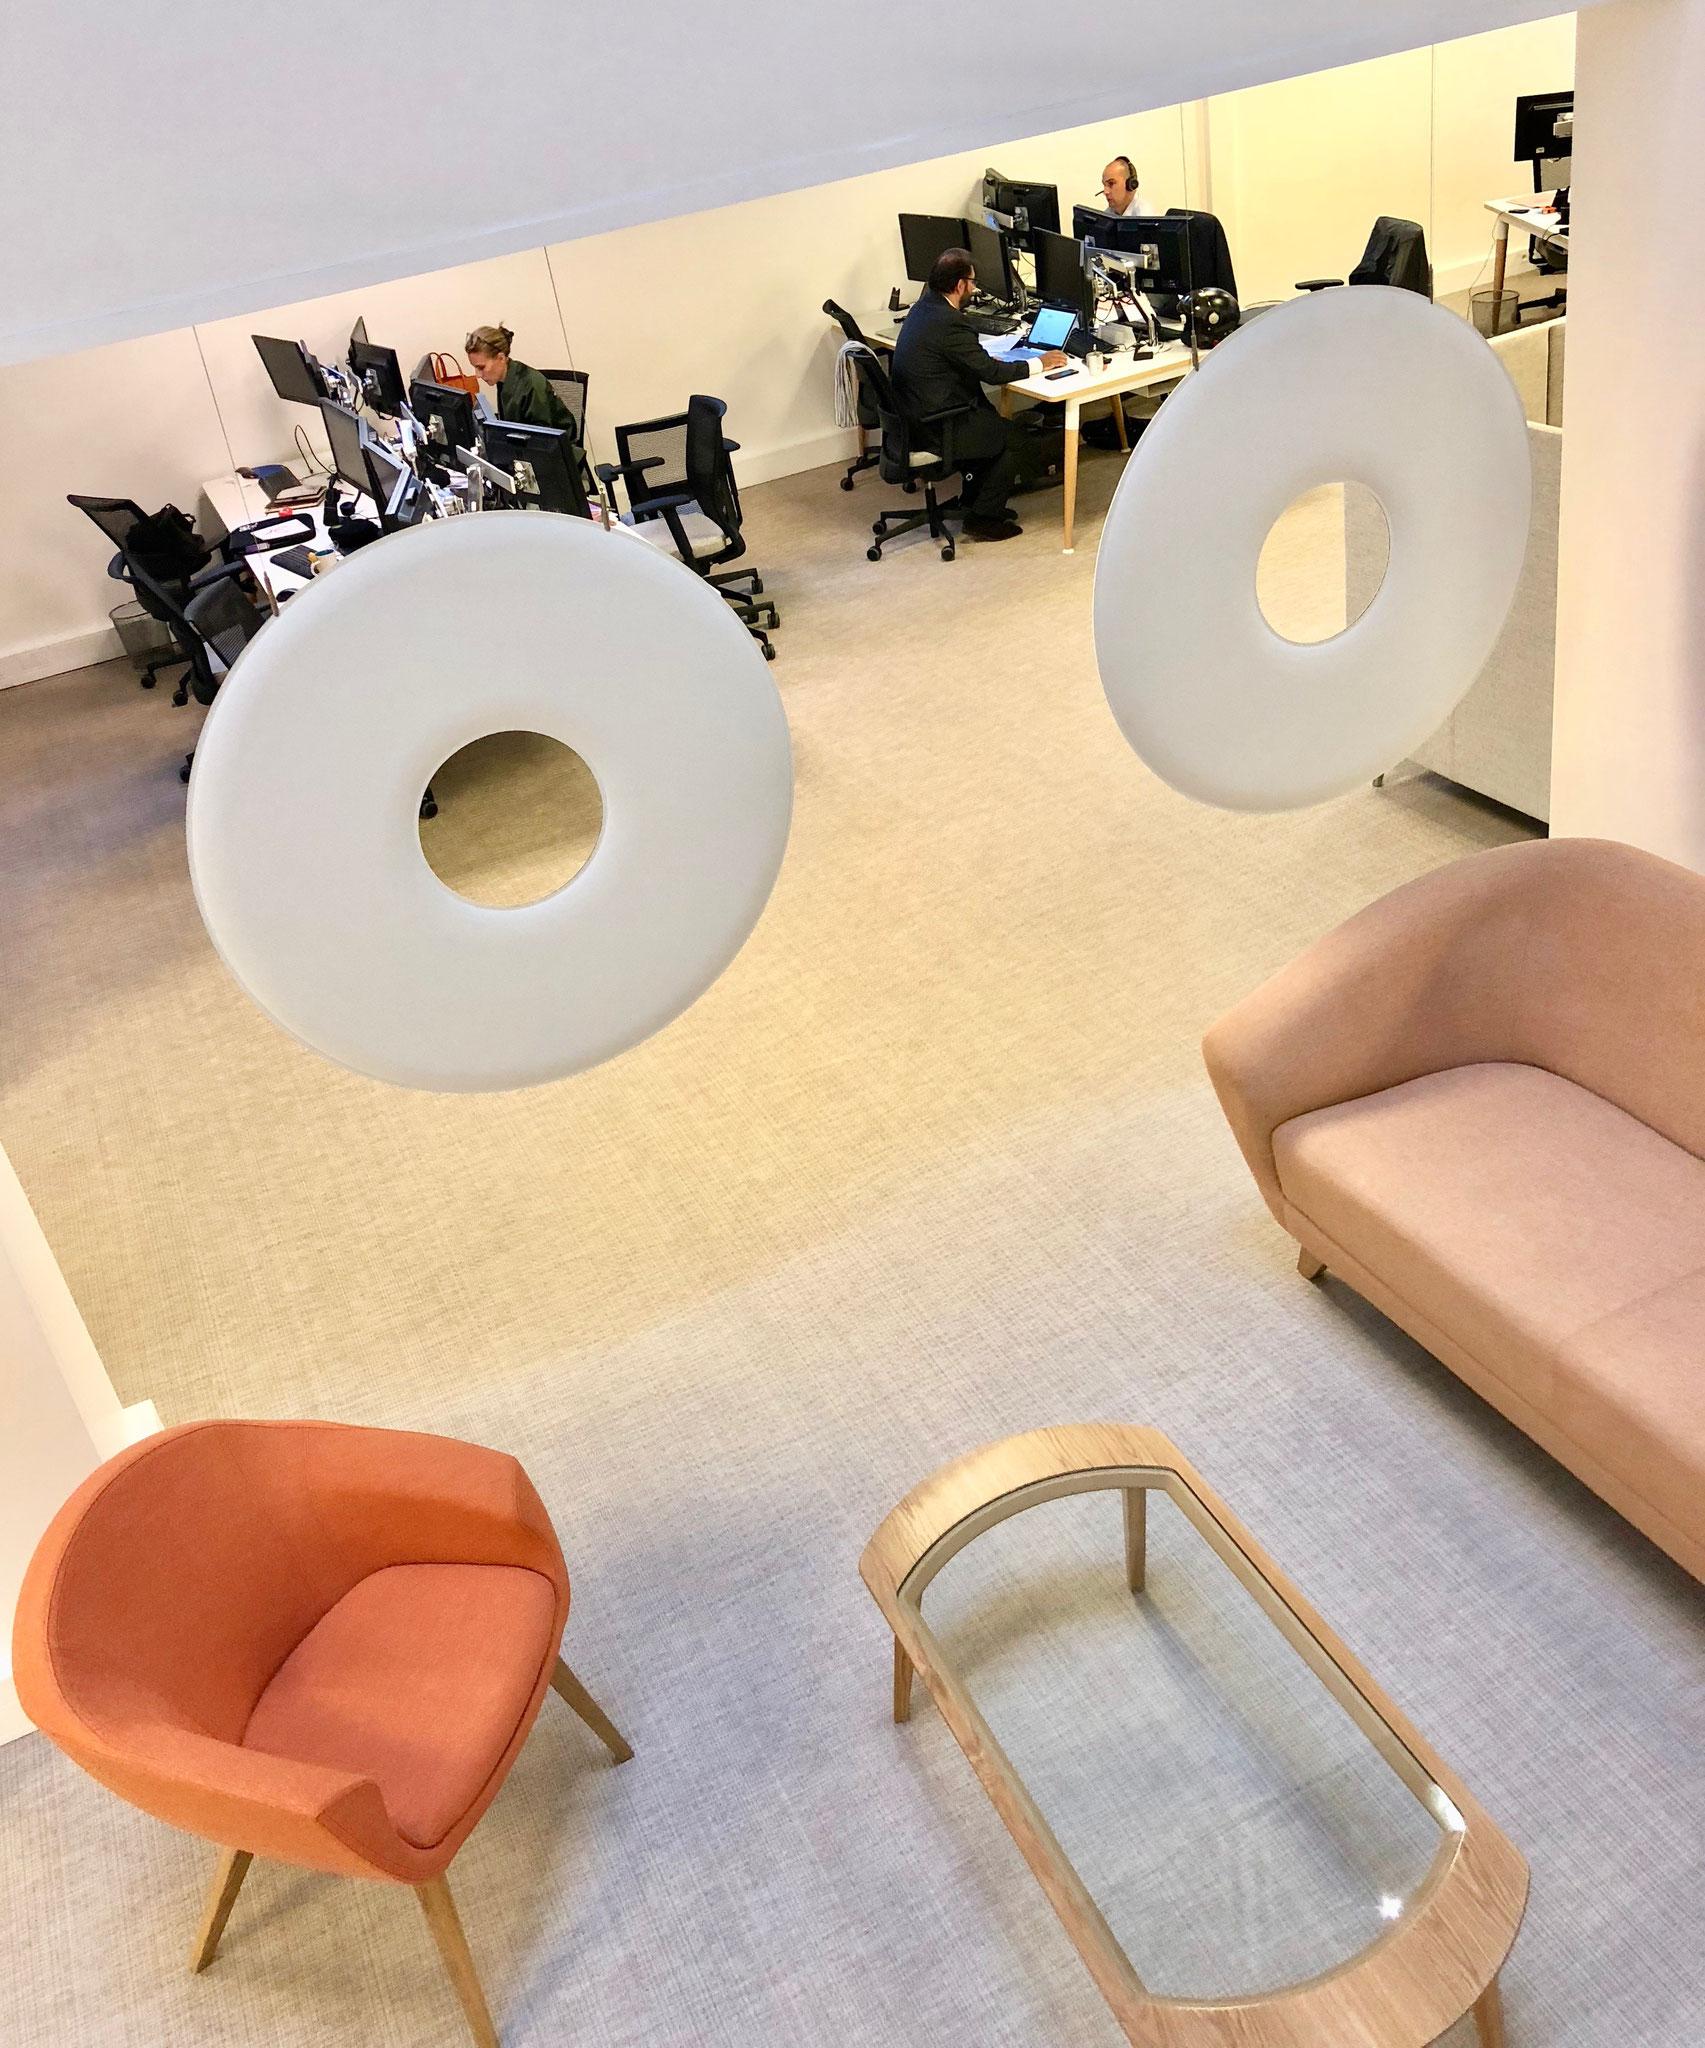 un espace d'accueil en entrerprise : comment feutrer les espaces et créer de l'intimité et un sentiment de bien-être en entreprise